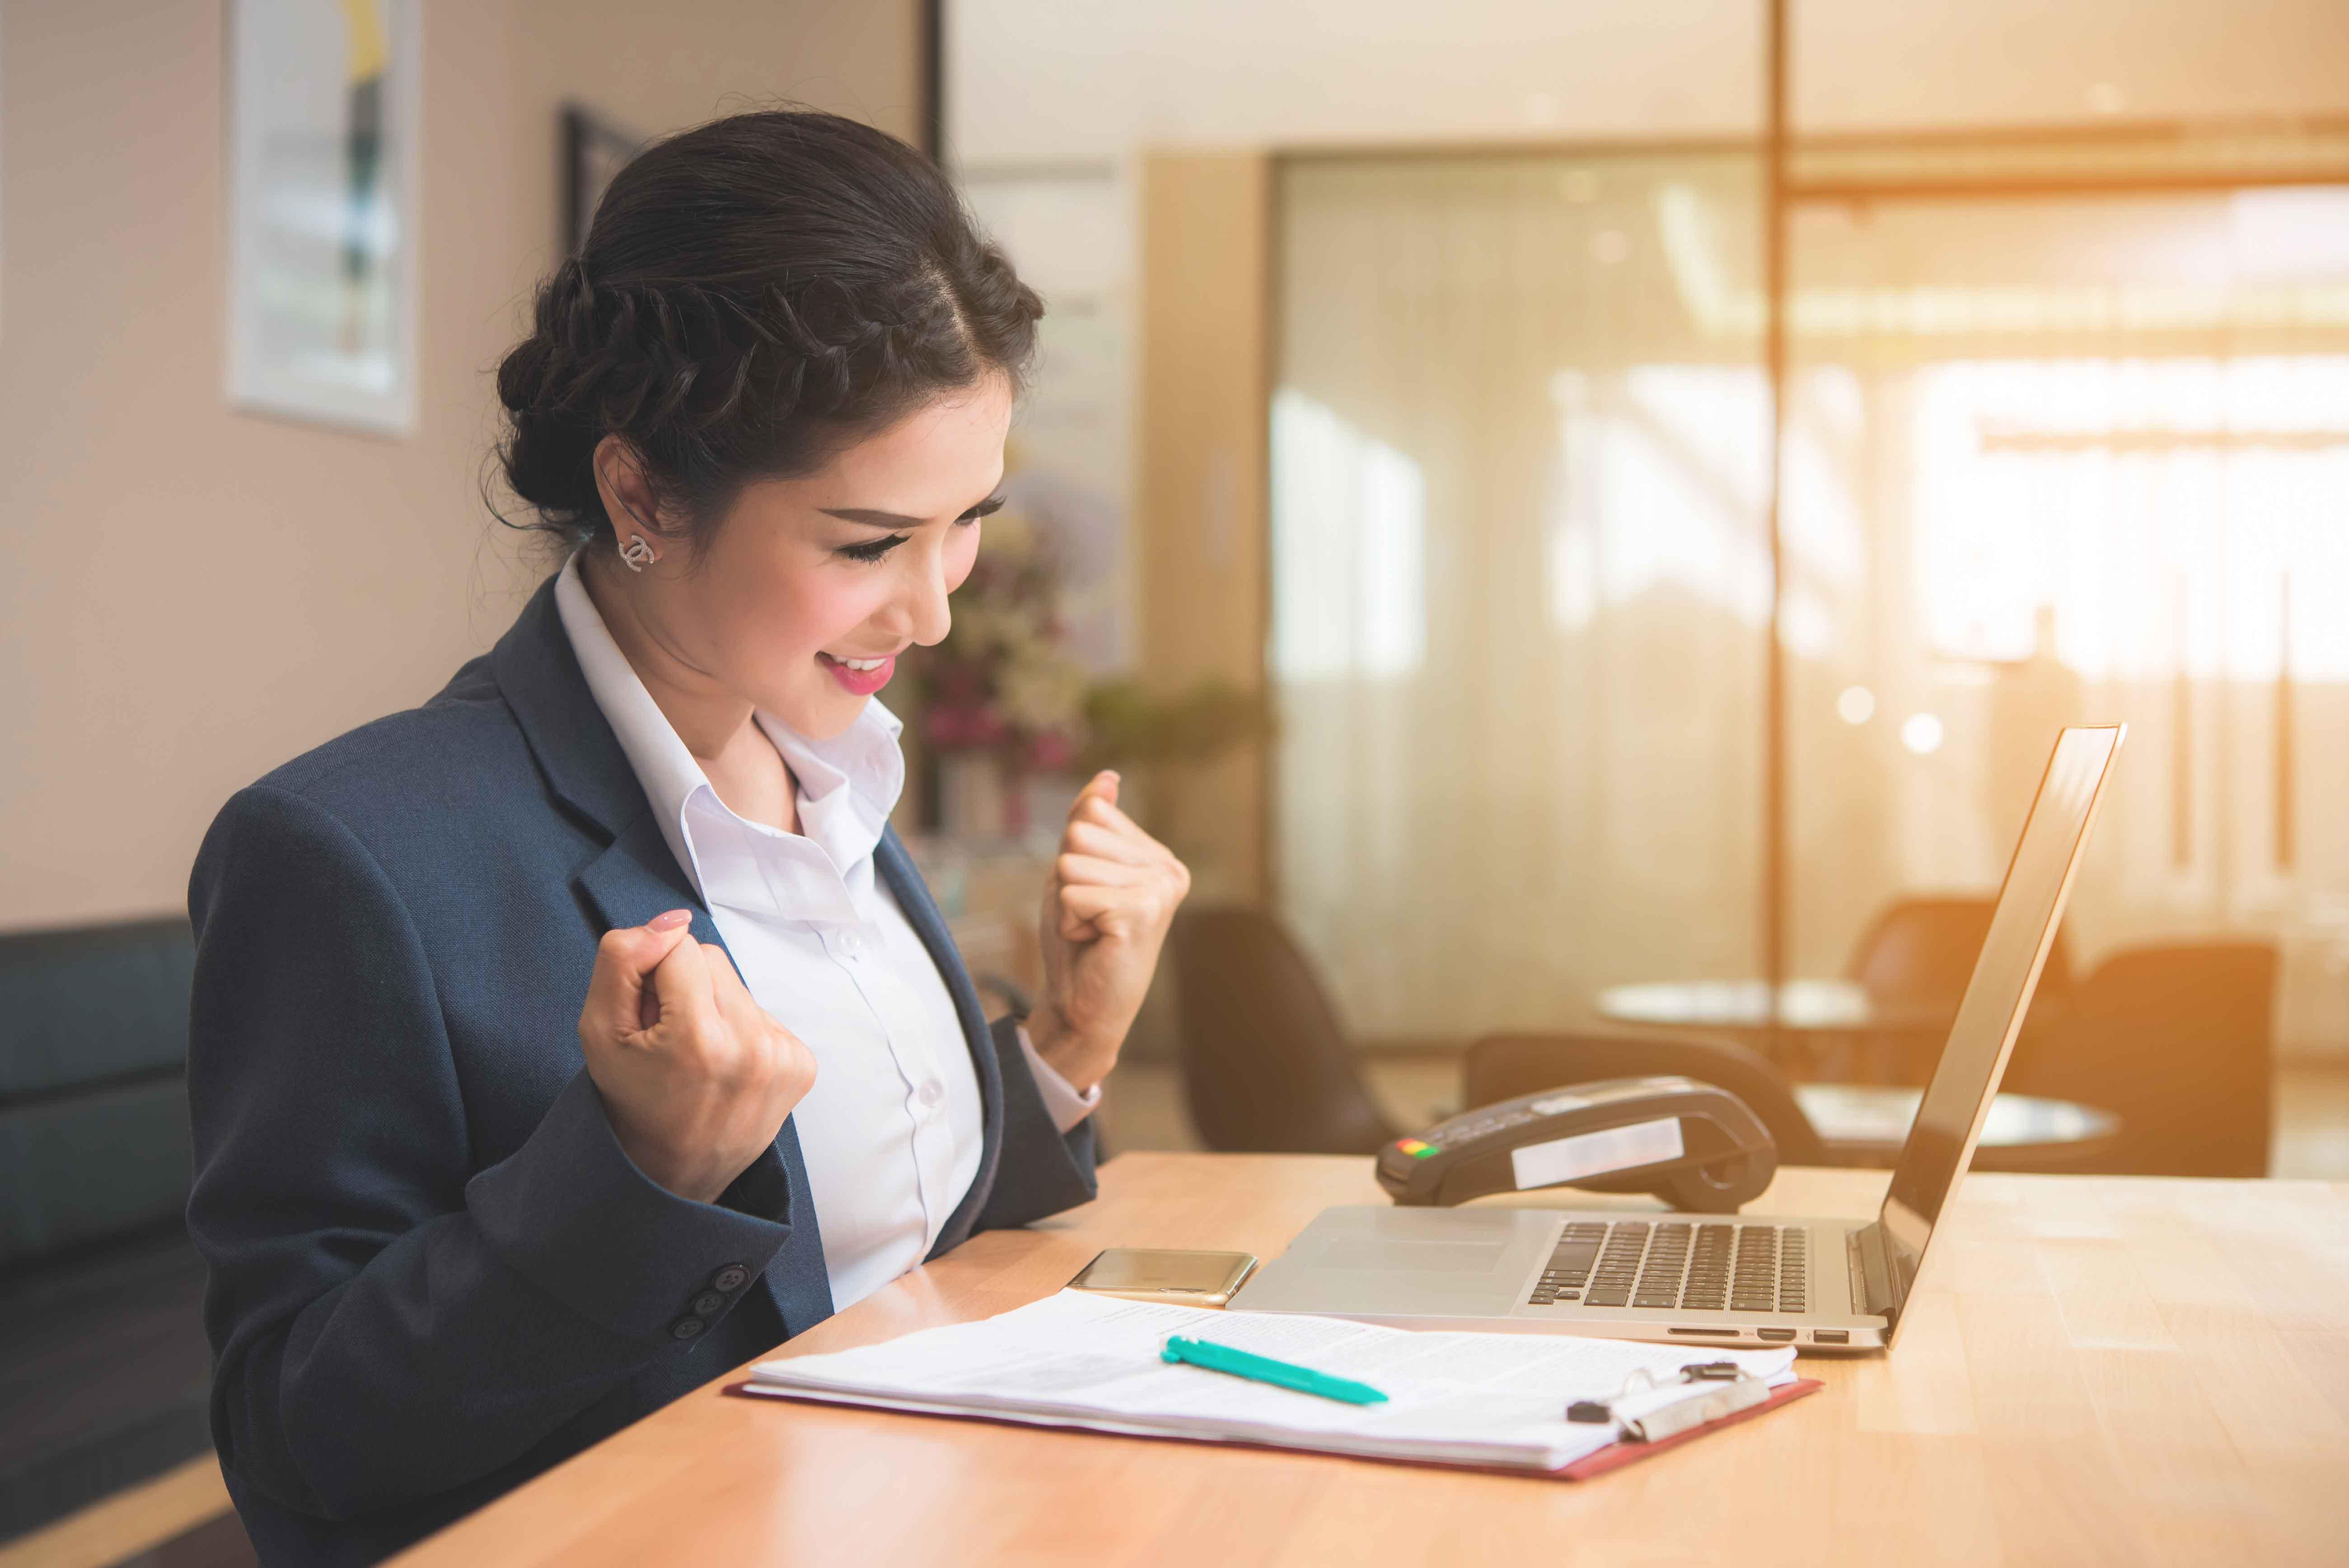 Chica en despacho con gesto de triunfo